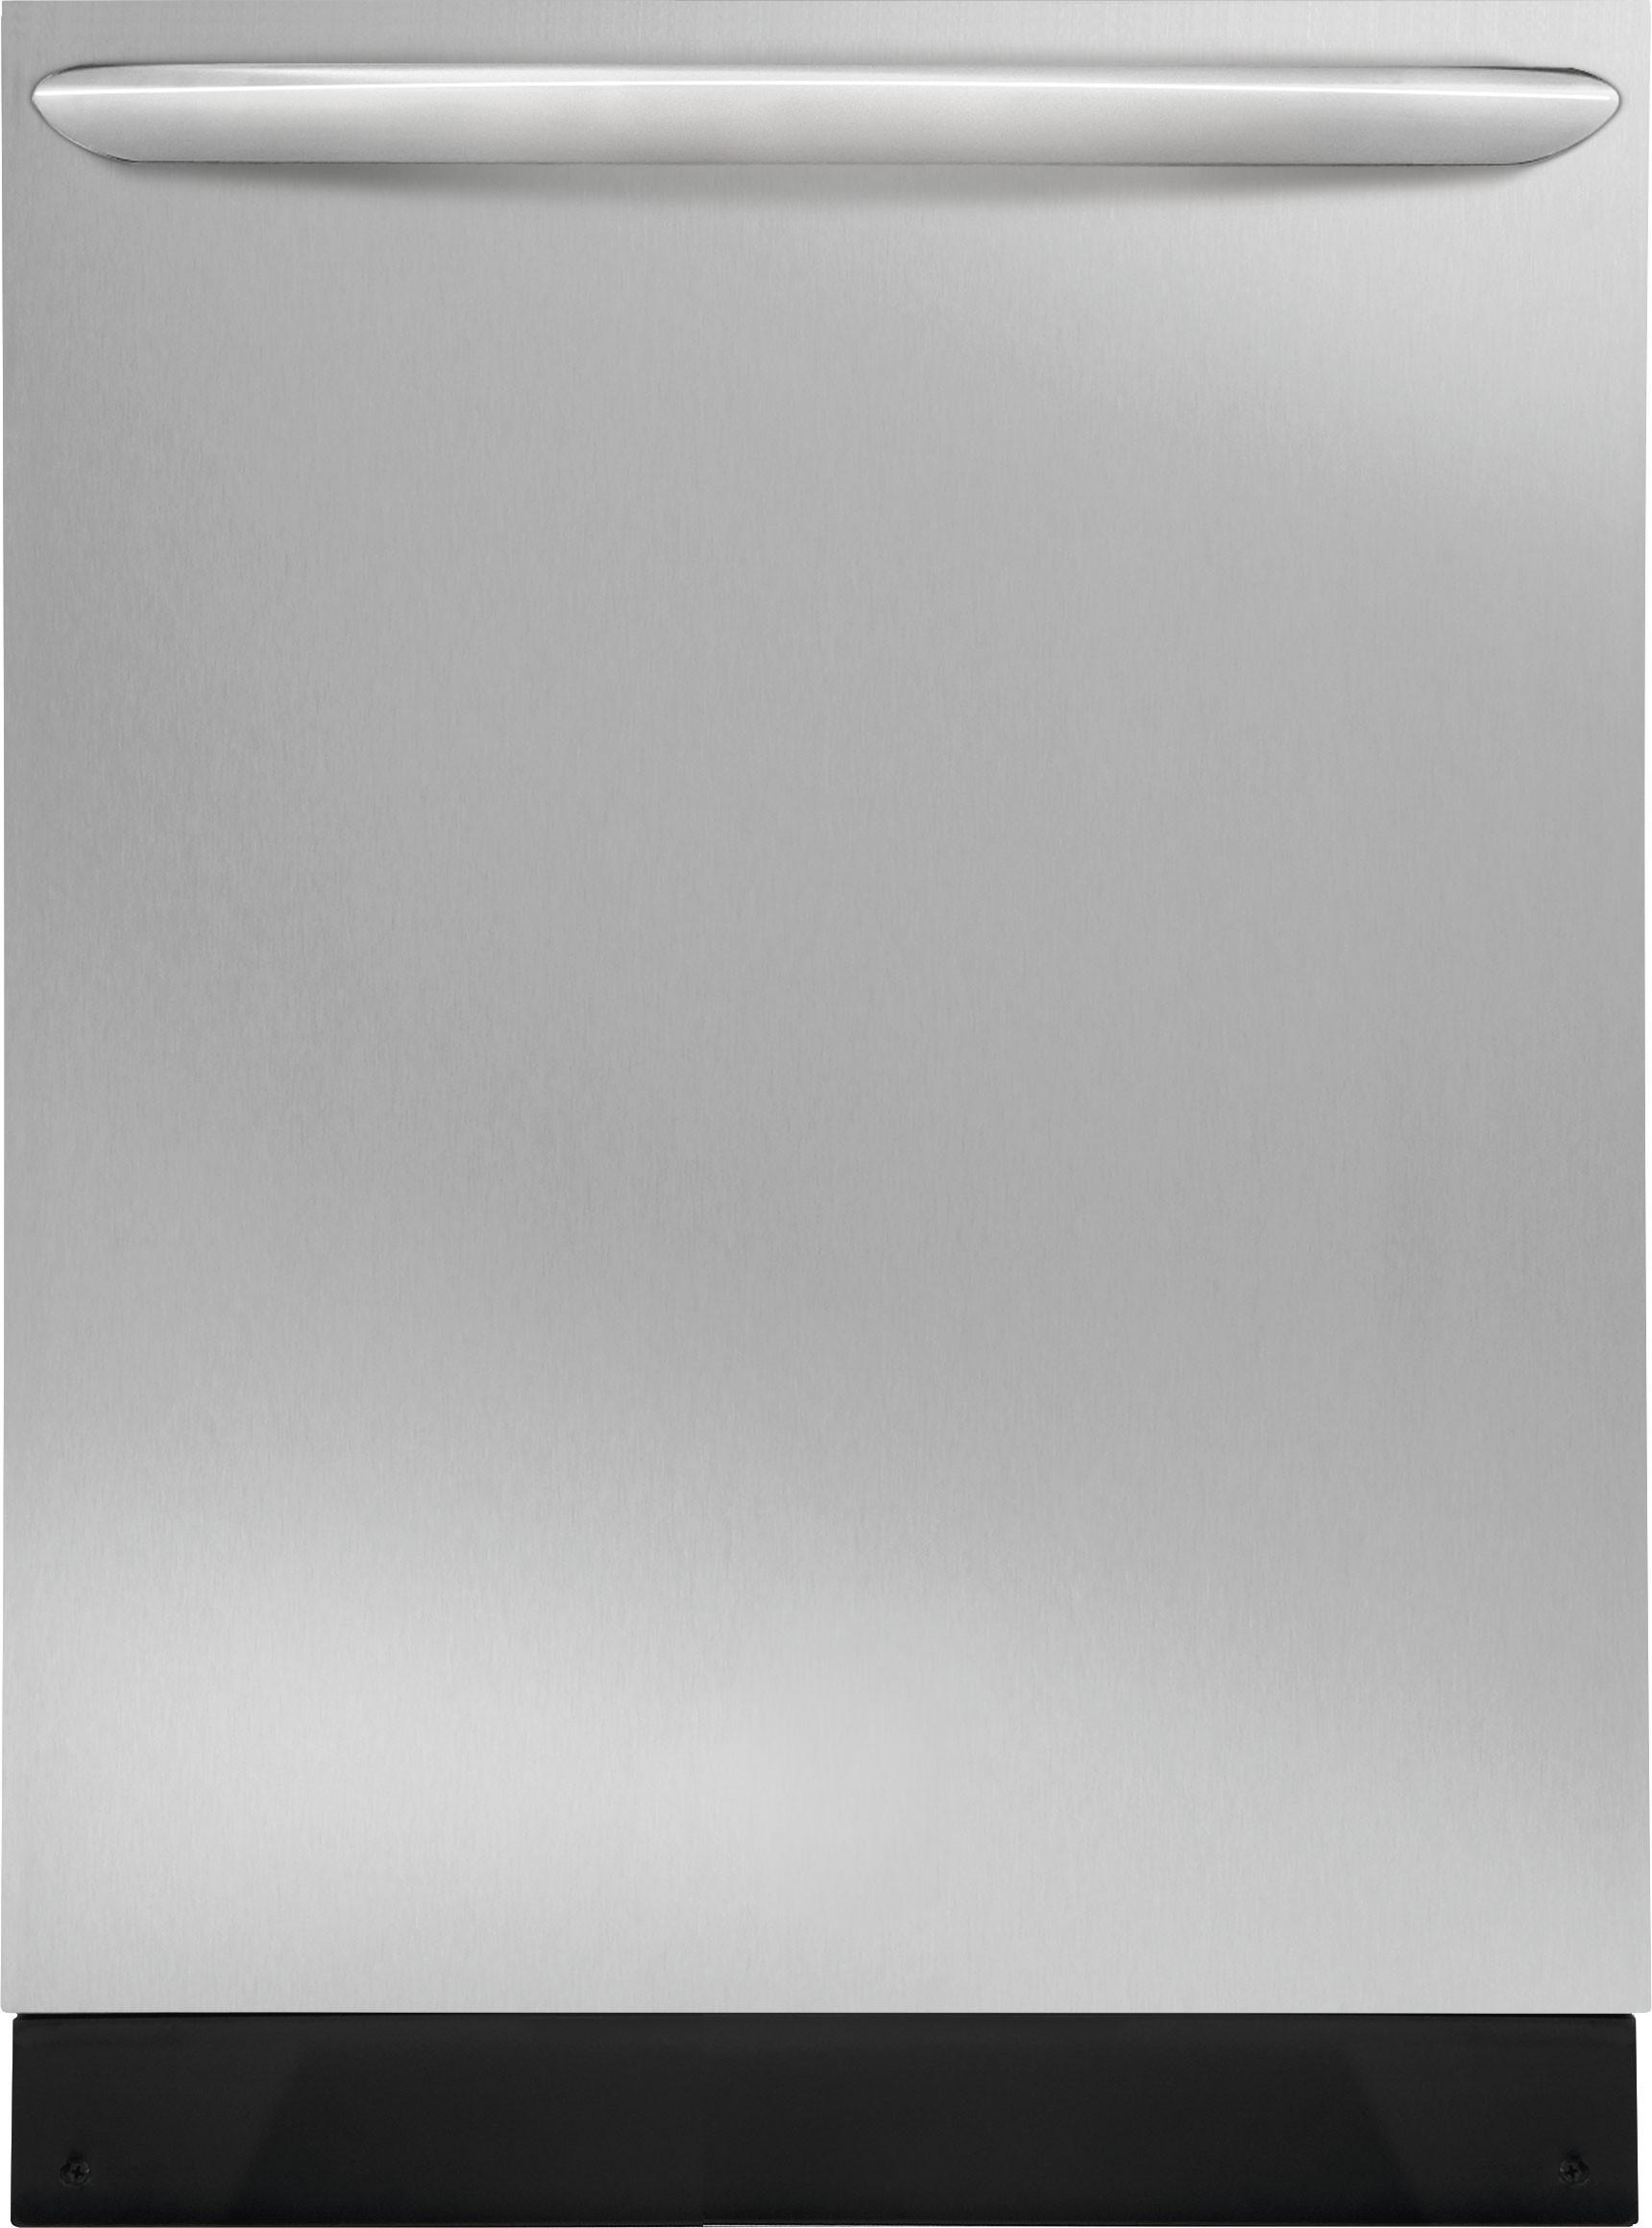 Stainless Steel Dishwasher Panel Kit Frigidaire Dishwashers